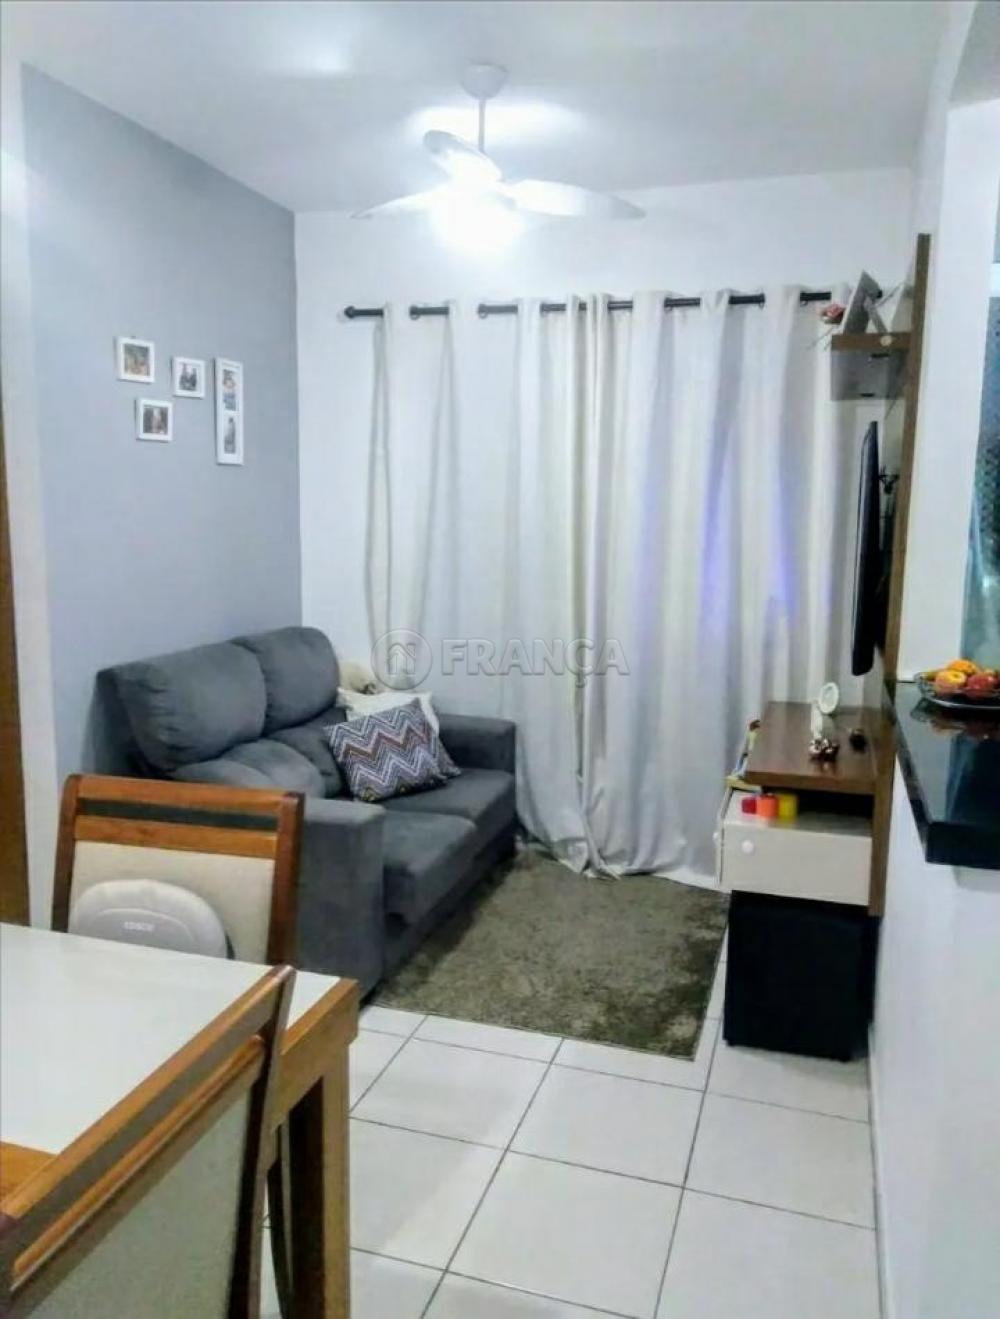 Comprar Apartamento / Padrão em São José dos Campos apenas R$ 180.200,00 - Foto 1